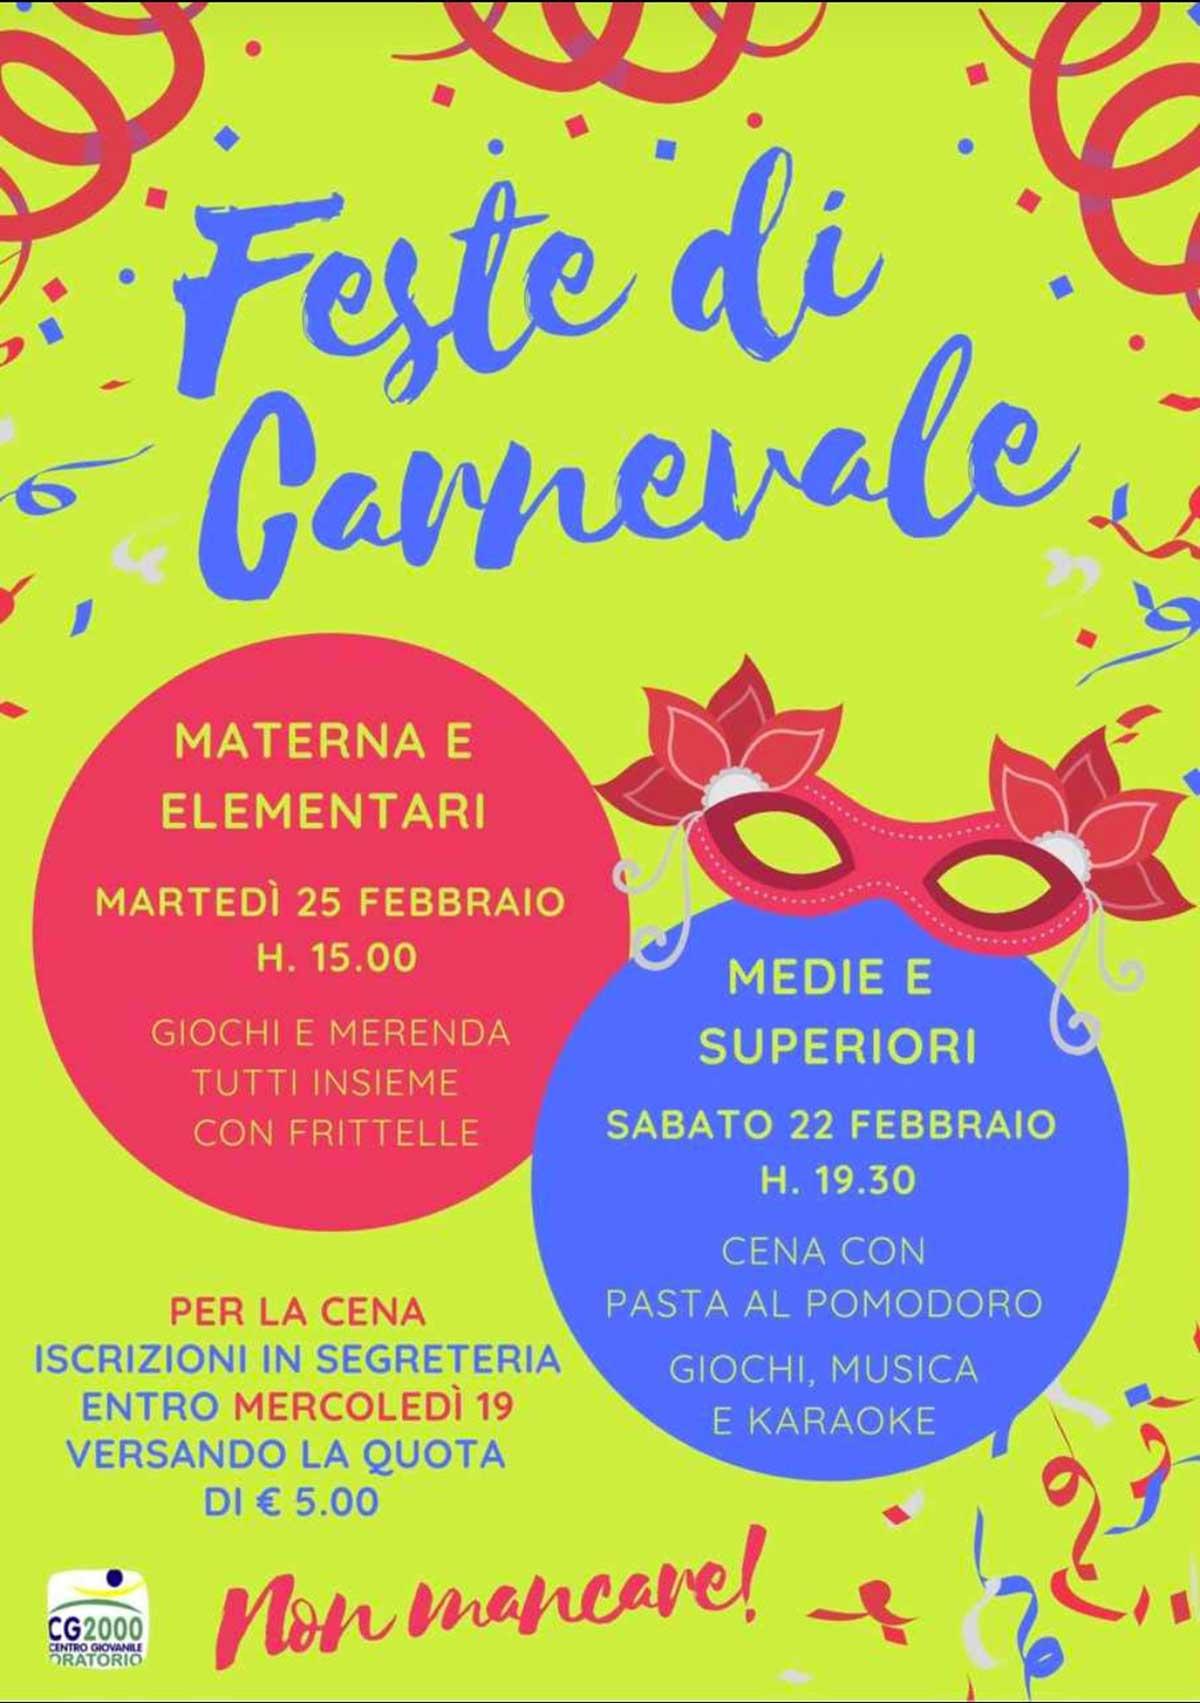 festa-carnevale-manerbio-2020